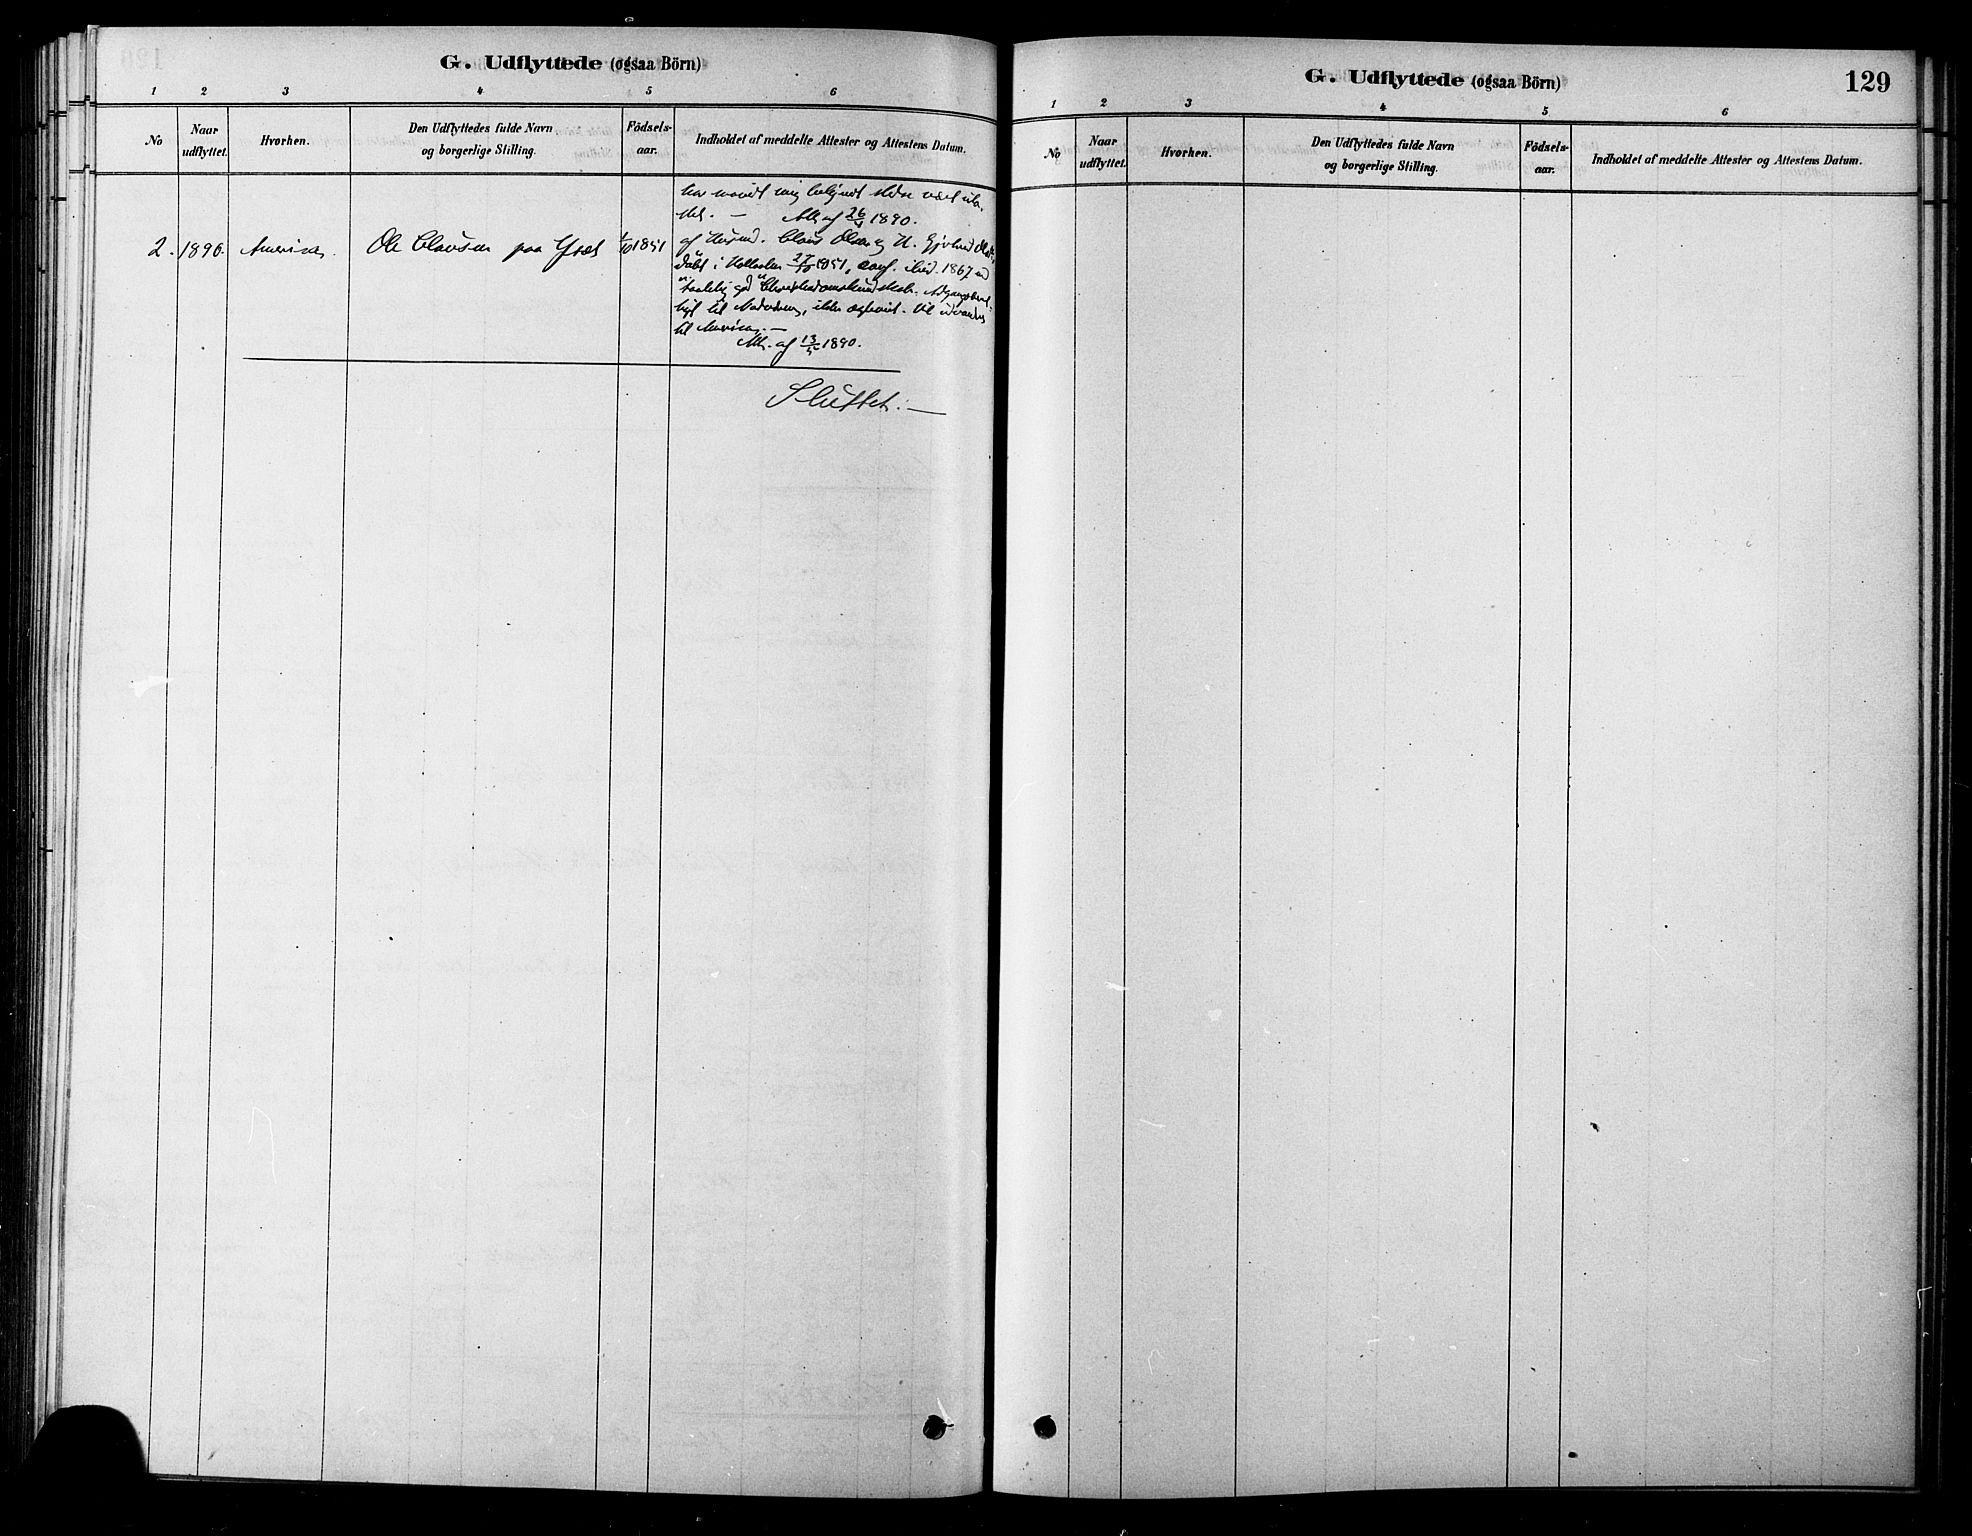 SAT, Ministerialprotokoller, klokkerbøker og fødselsregistre - Sør-Trøndelag, 685/L0972: Ministerialbok nr. 685A09, 1879-1890, s. 129